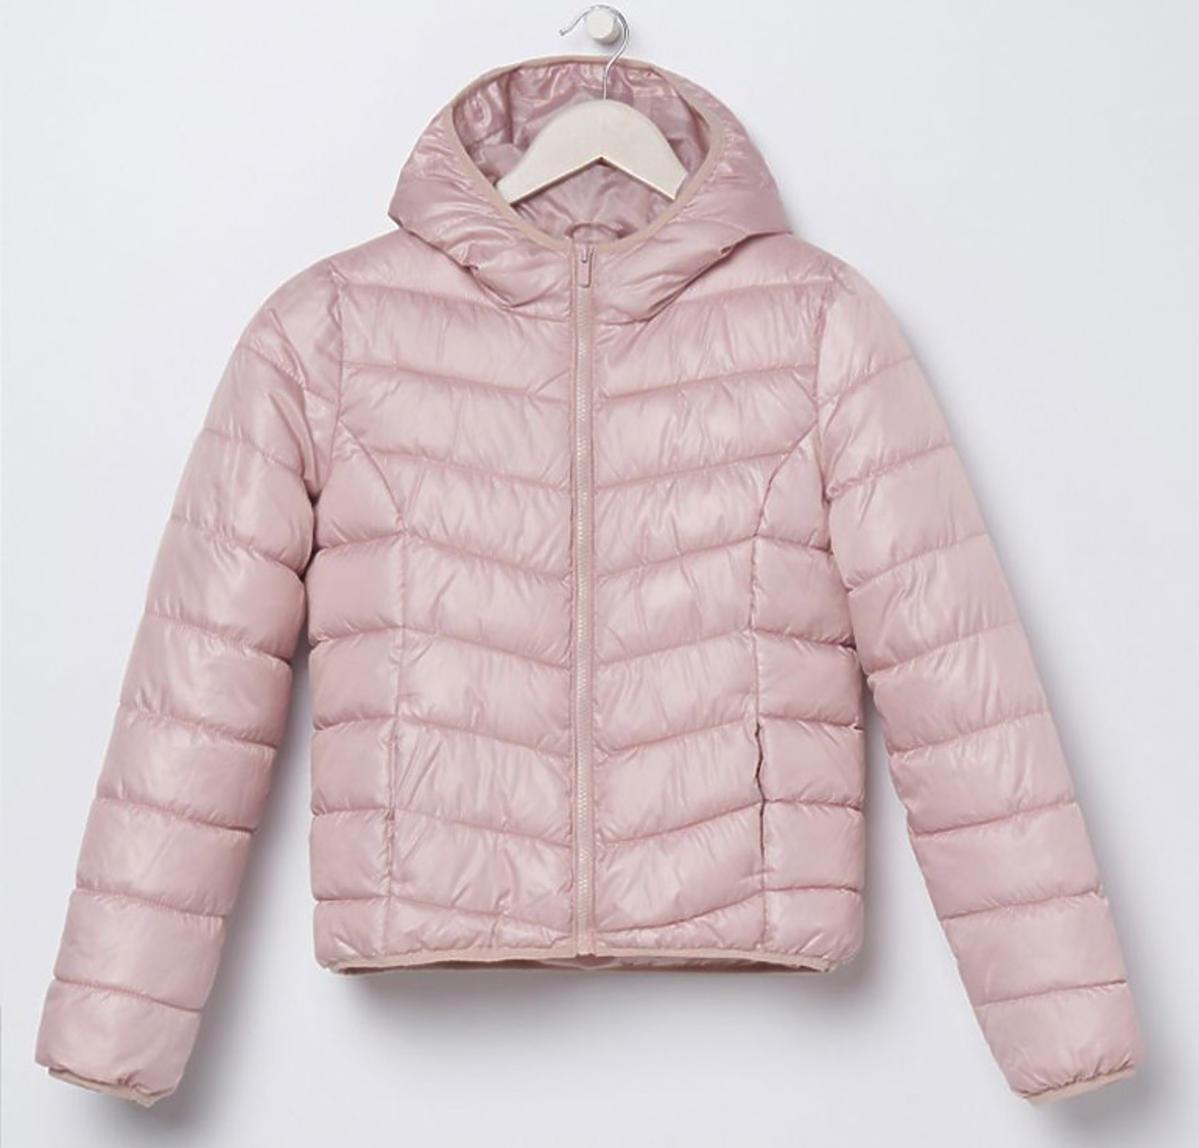 Pikowana różowa kurtka z kapturem, Sinsay, 59 zł